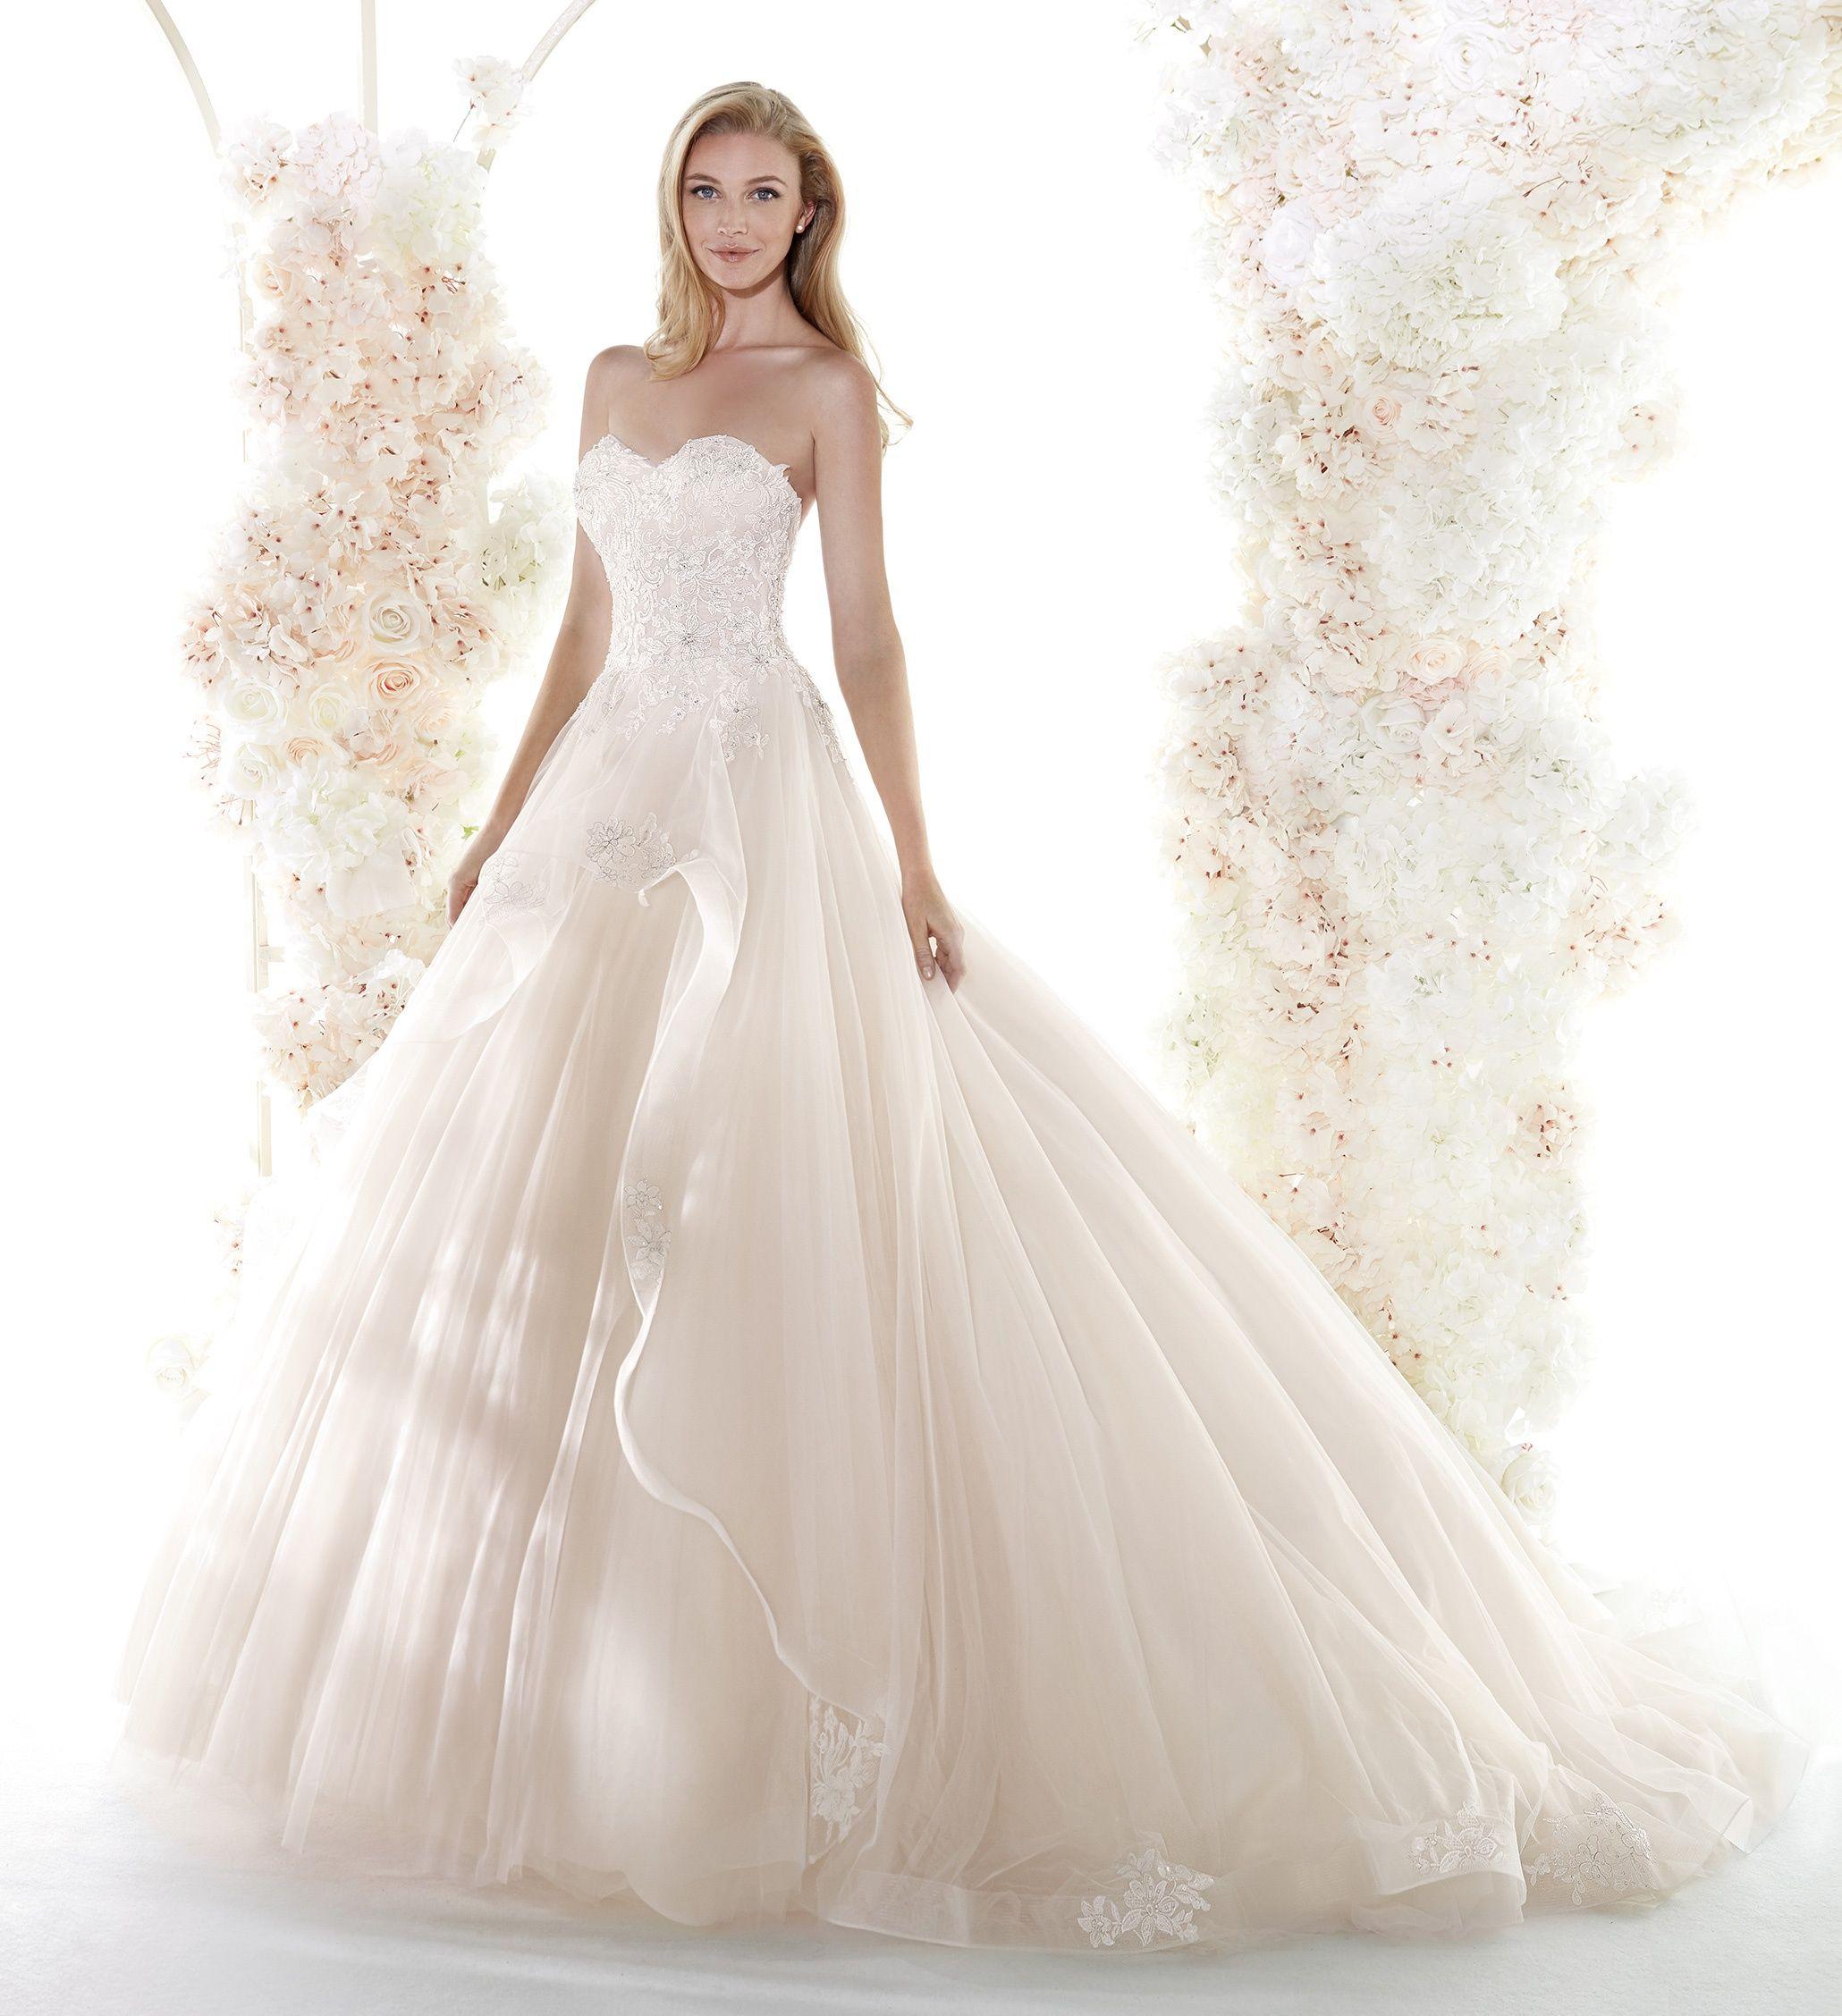 Moda Sposa 2020 Collezione Colet Coa20161 Abito Da Sposa Nicole Wedding Dresses Lace Long Wedding Dresses Wedding Dresses Unique